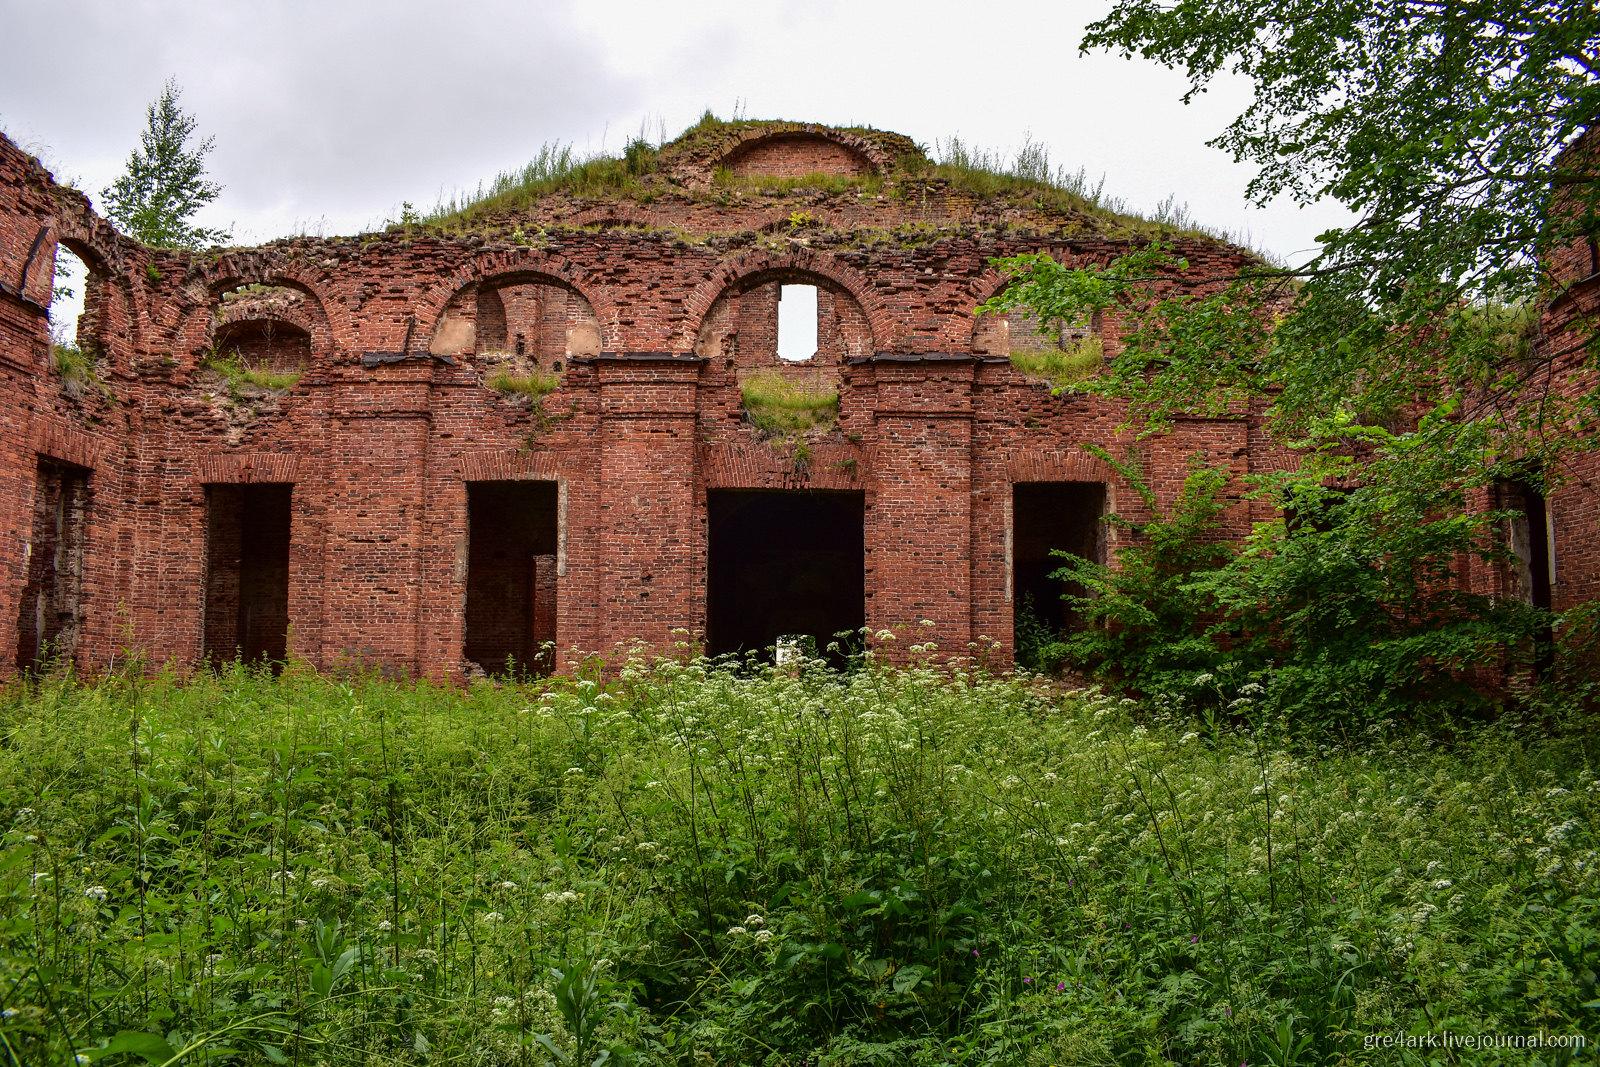 Аракчеевская деревня – остатки мегапроекта 18 века разруха